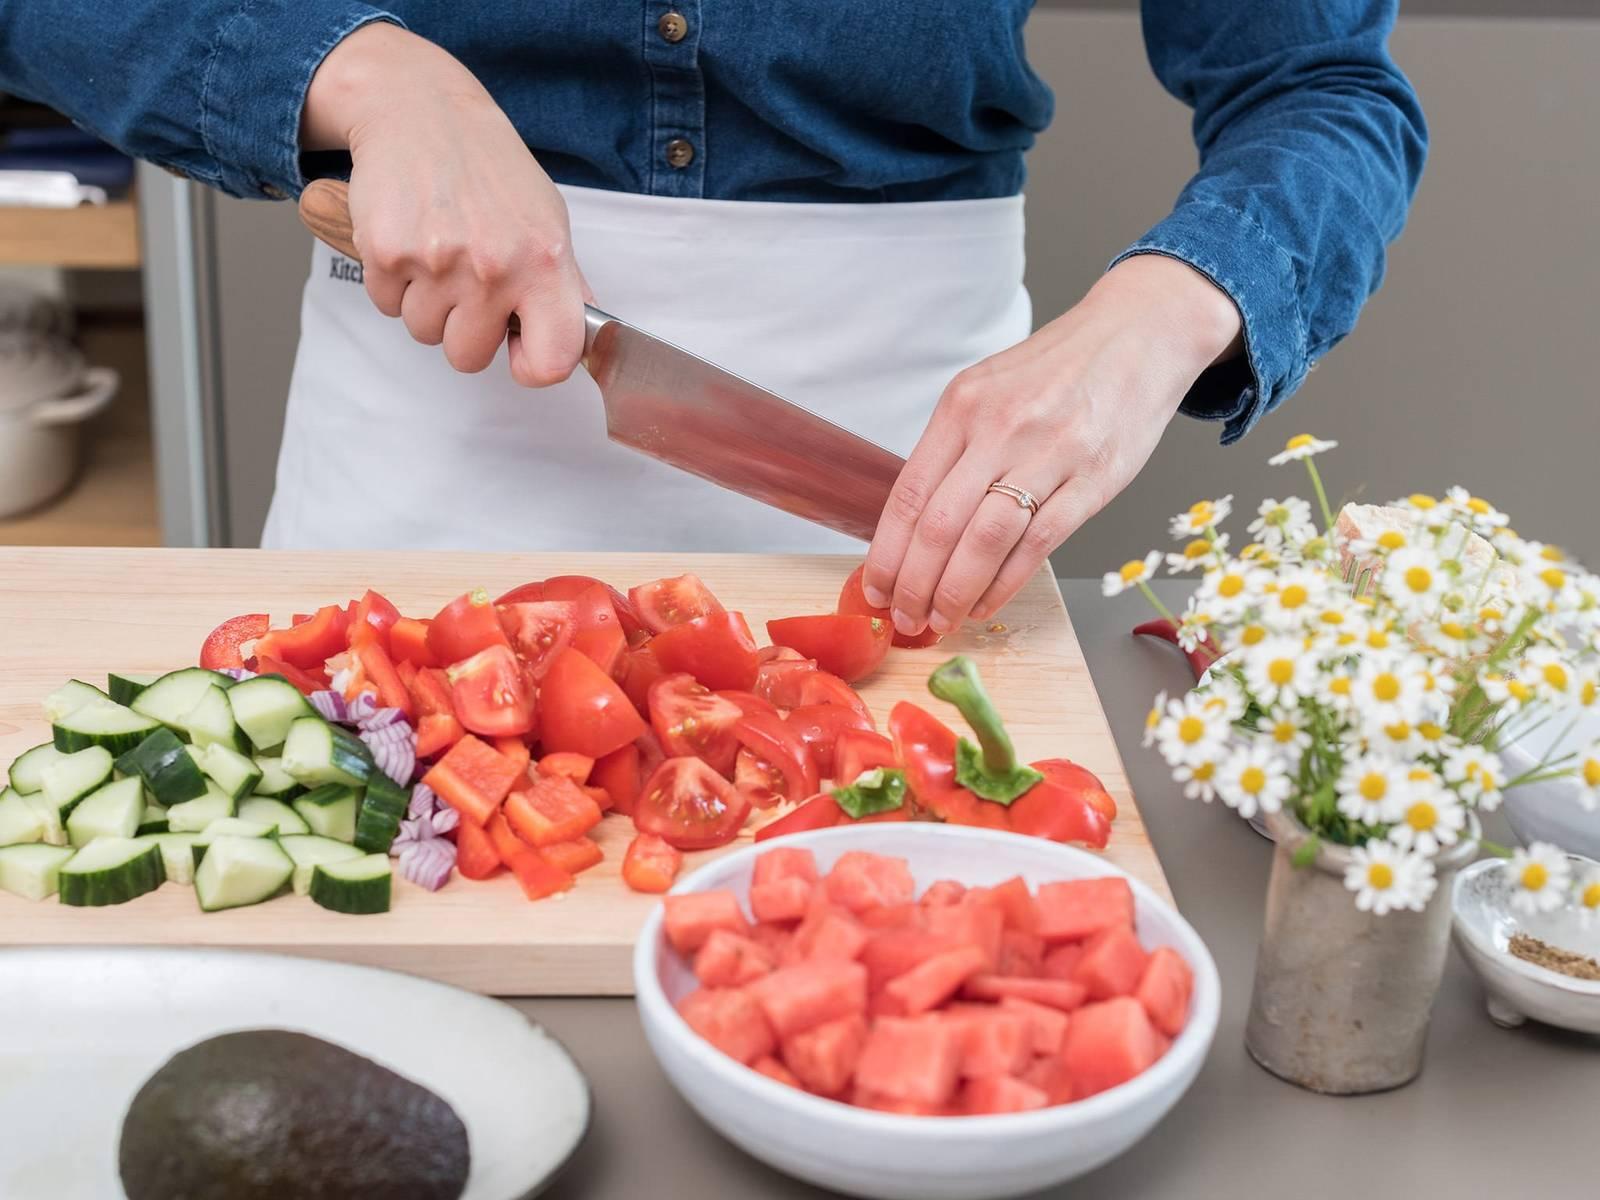 将烤箱预热至175℃。将番茄、灯笼椒、洋葱和黄瓜切丁。如果喜欢,可先将辣椒籽去除后再剁成末。西瓜去皮切丁。